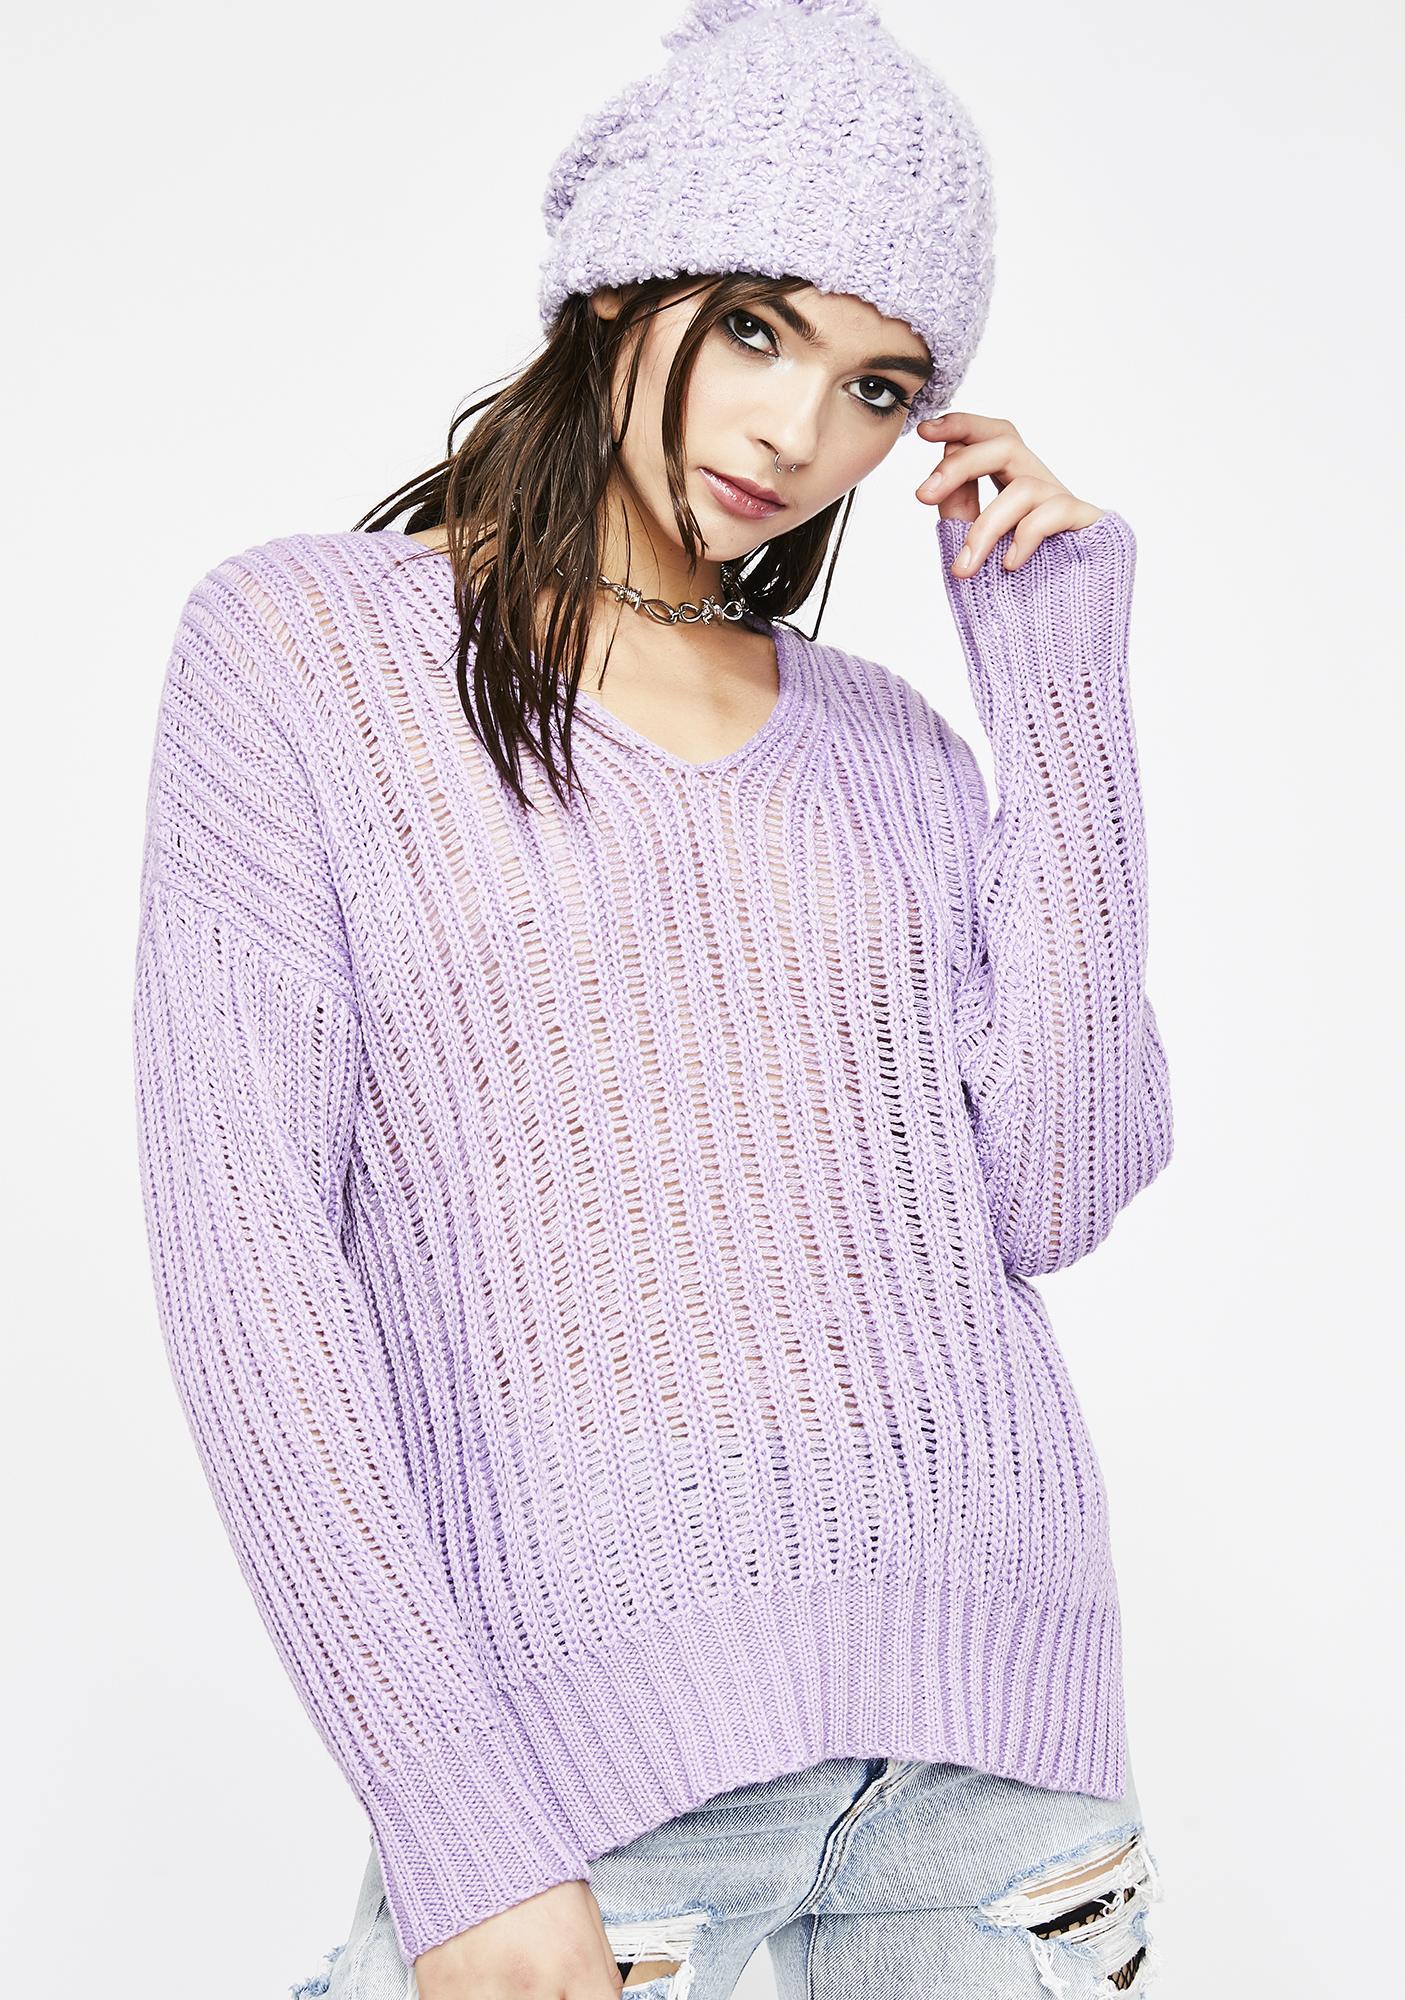 d0244cec84fafe Knit Sweater V Neck Rib | Dolls Kill